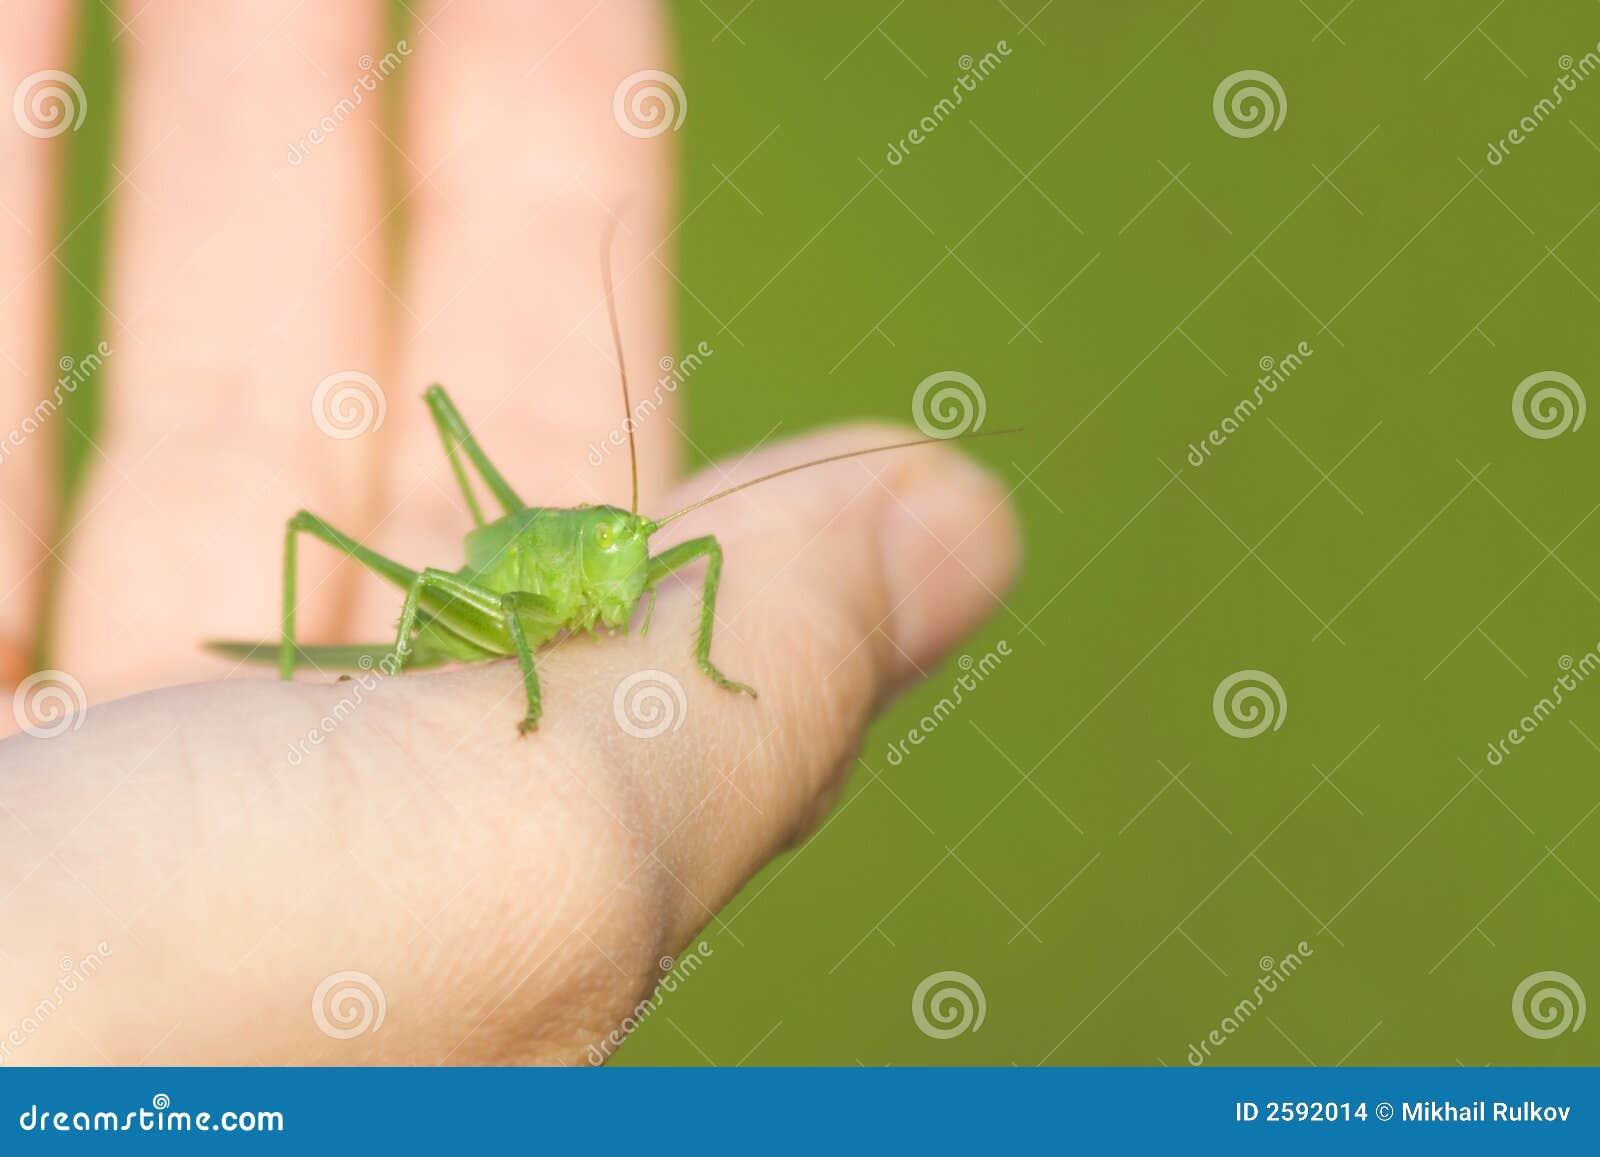 Sprinkhaan op een hand